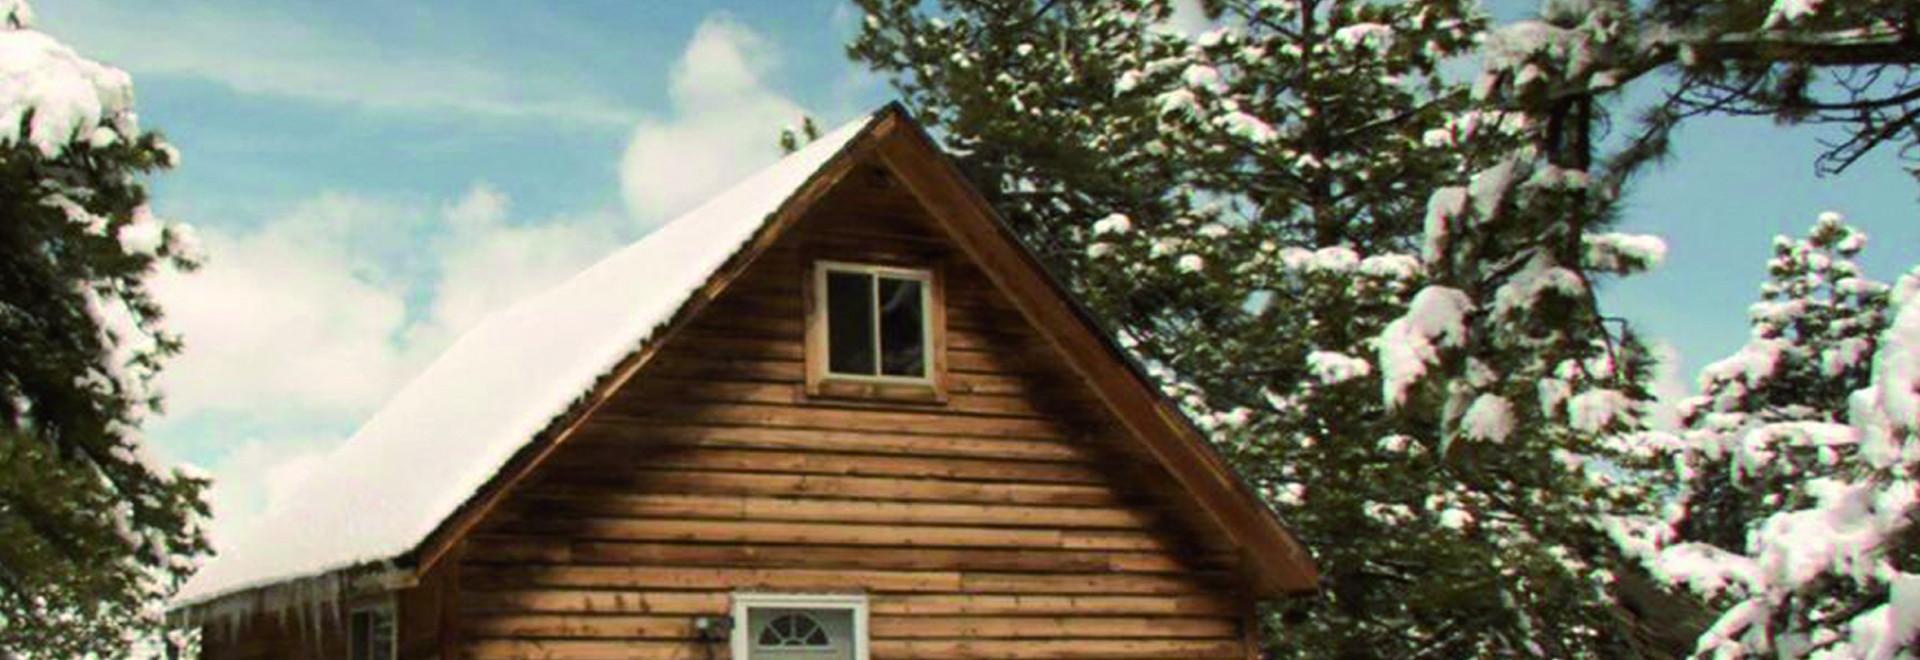 La casa in montagna